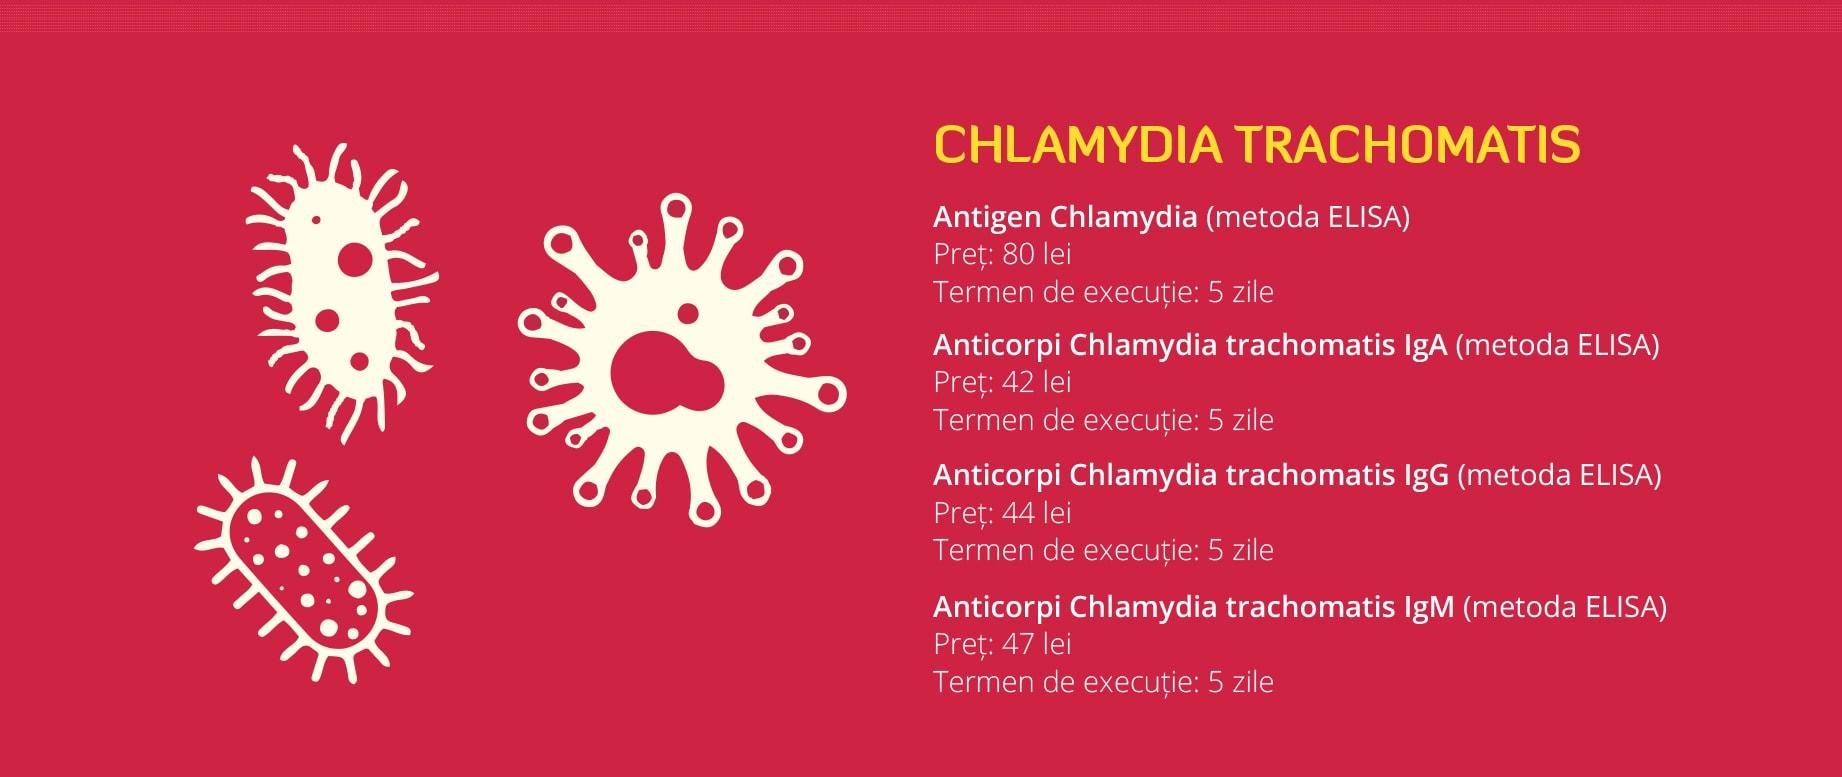 chlamidia-trachomatis-analize-clinica-sante-laborator-min